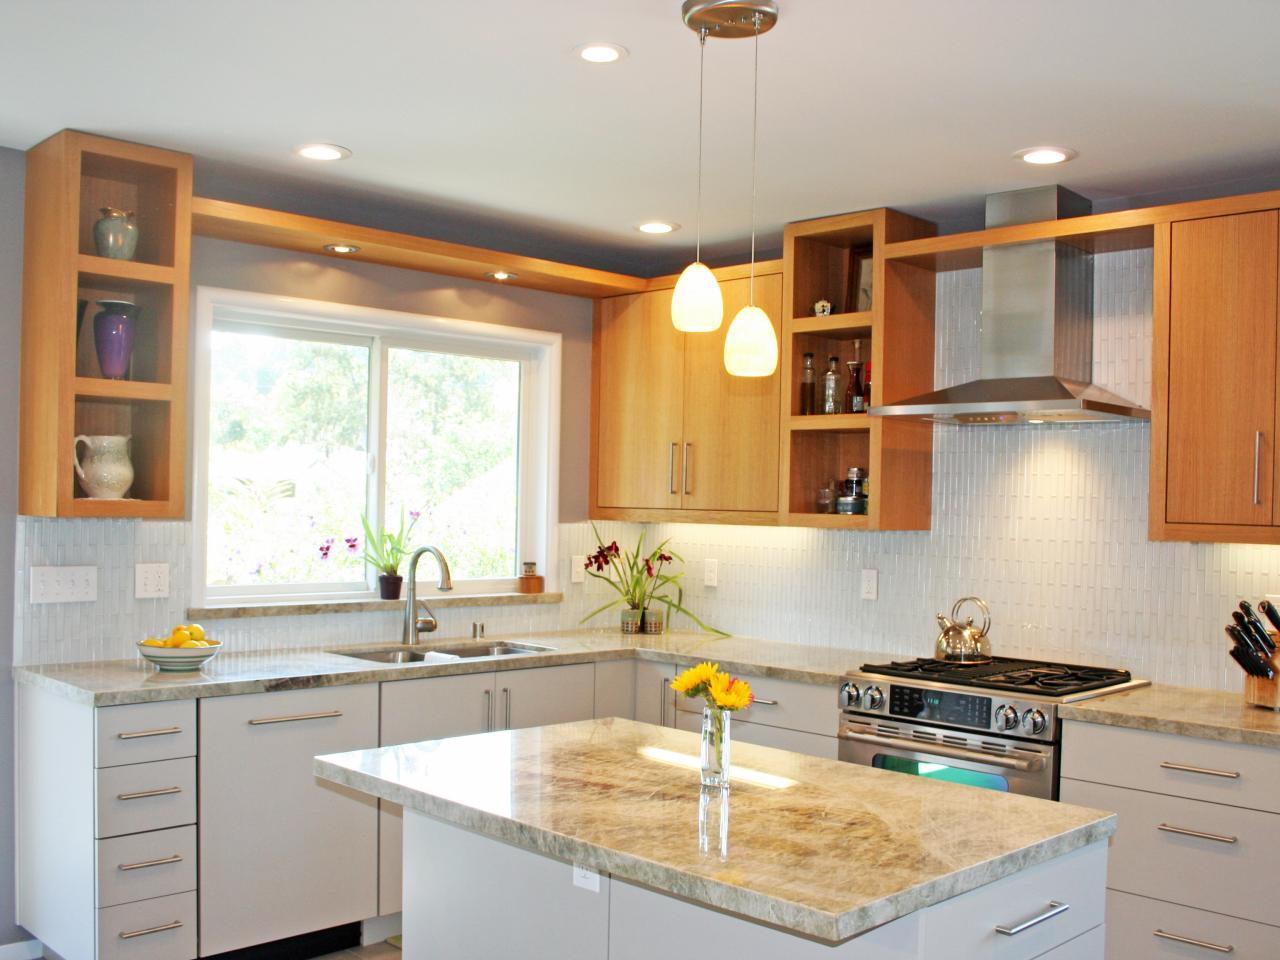 Vackert tvåfärgat köksskåp